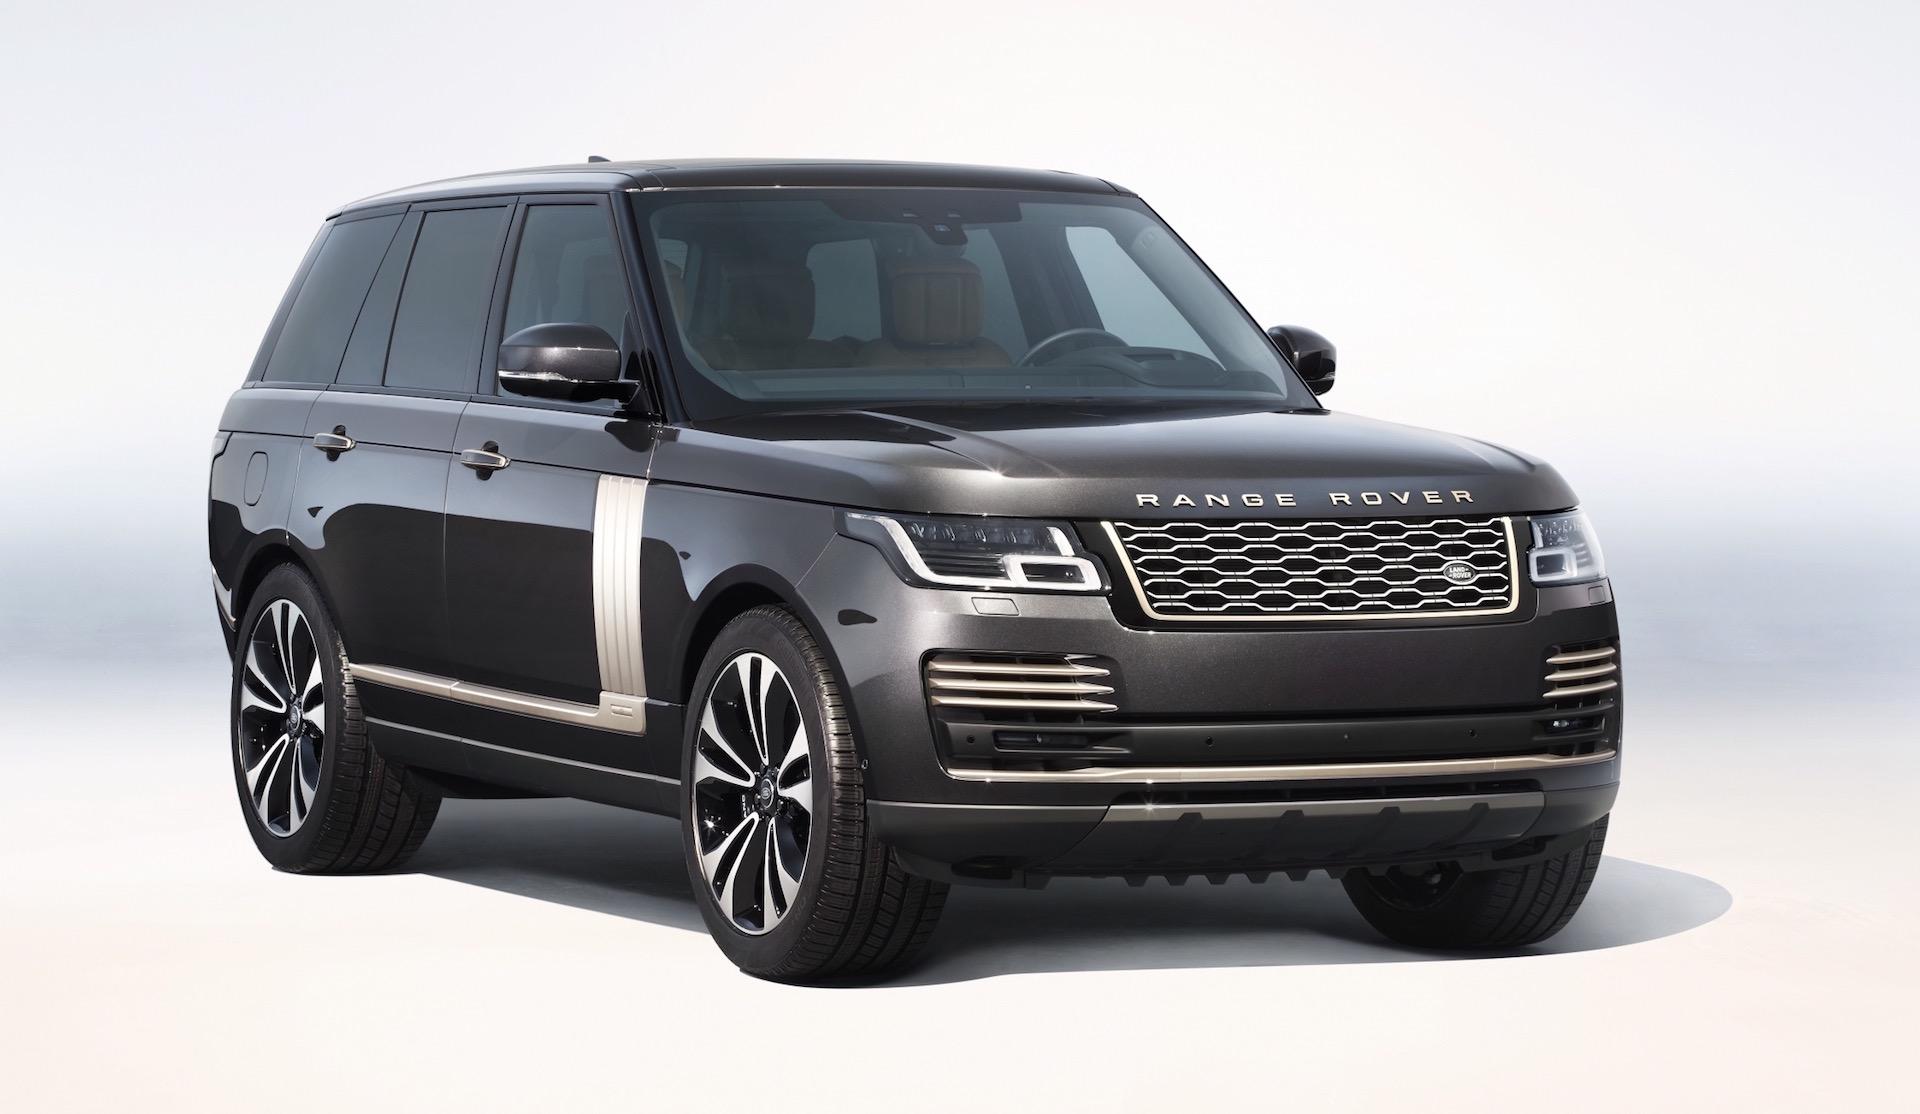 2021 Range Rover revealed, packs new inline-six diesels